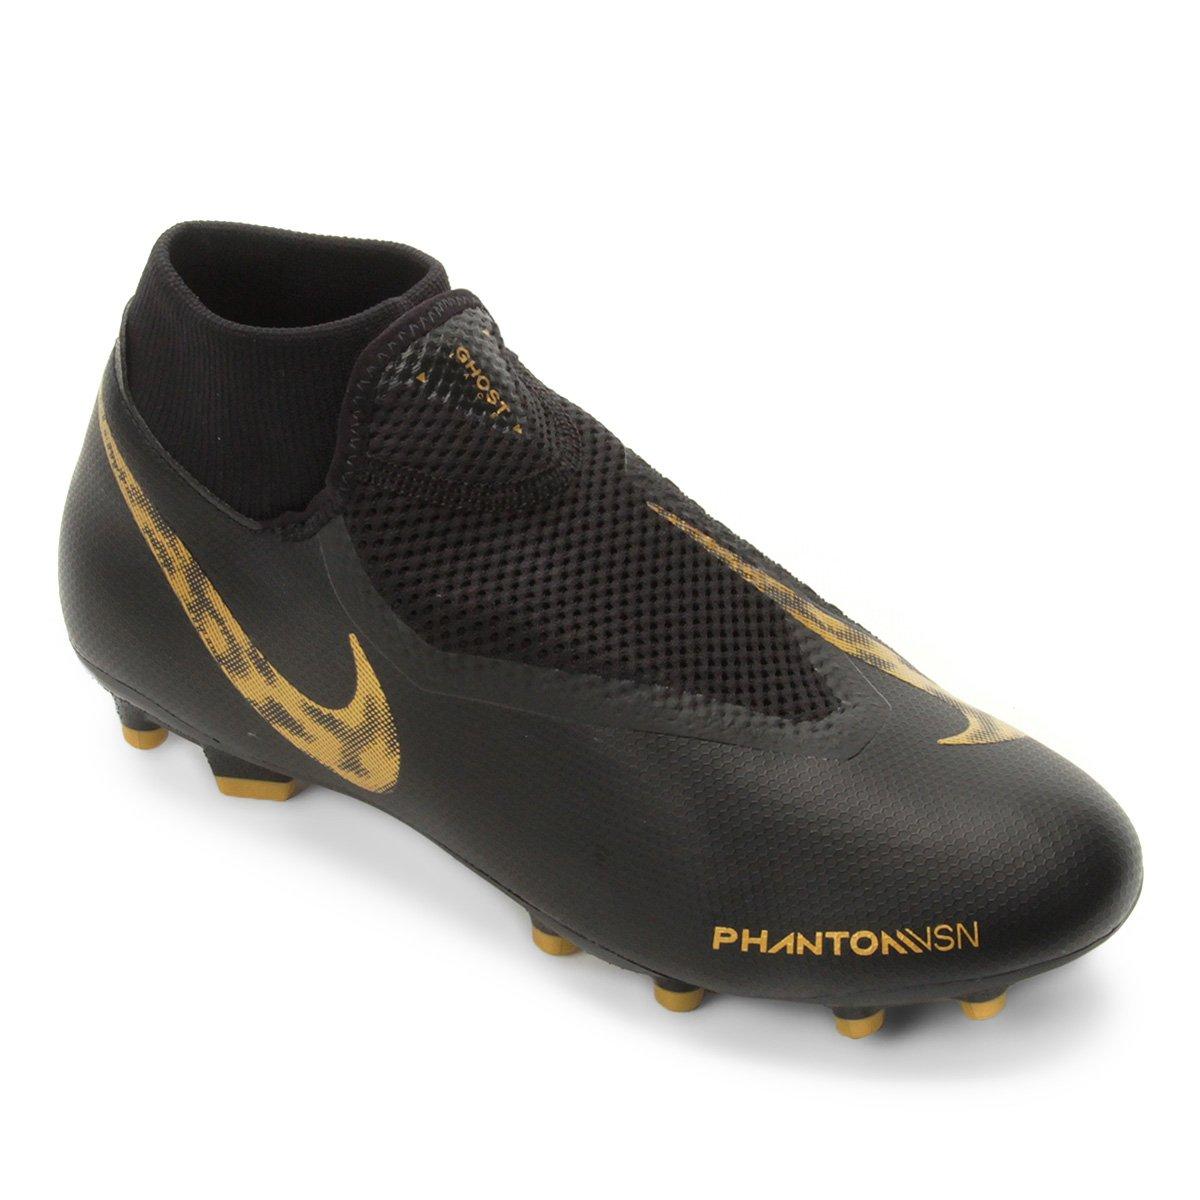 8761b2afba Chuteira Campo Nike Phantom Vision Academy DF FG - Preto e Dourado ...